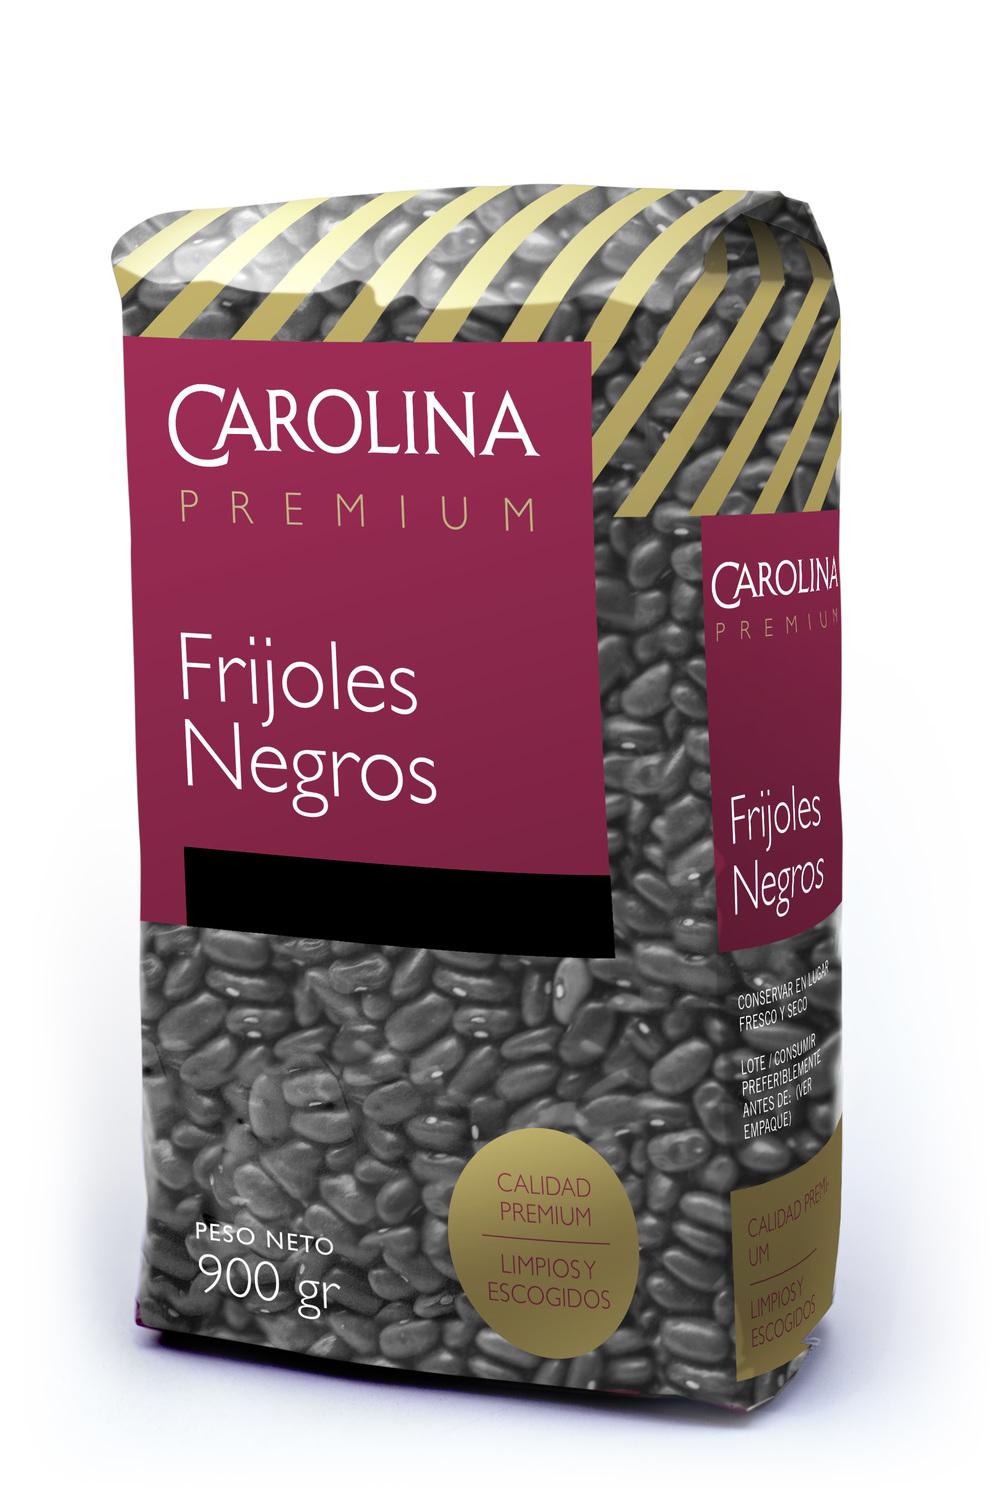 Frijol negro Carolina.jpg